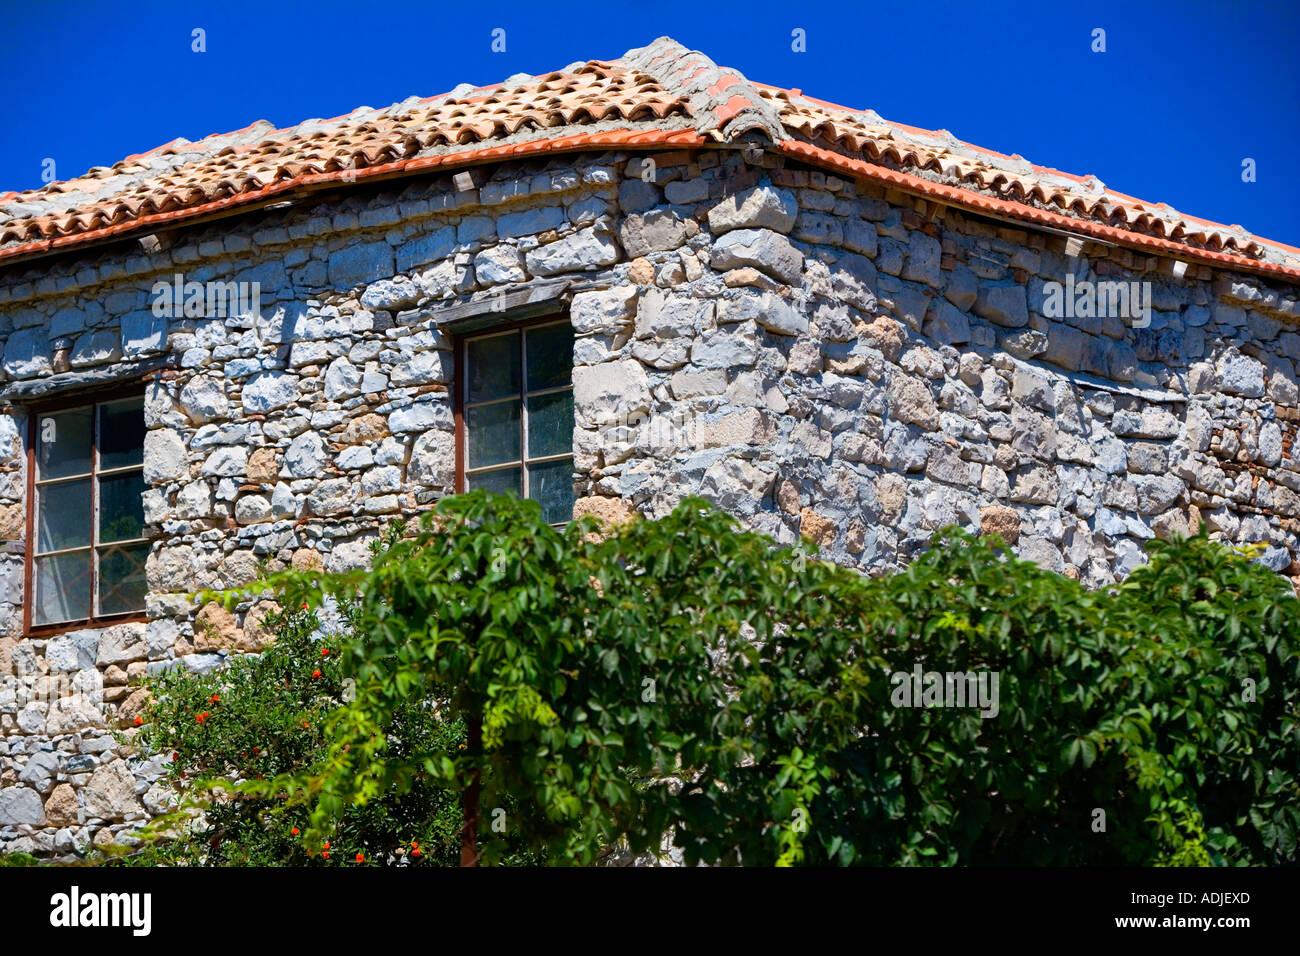 Case Di Campagna In Pietra : Casa di campagna in pietra immagini casa di campagna in